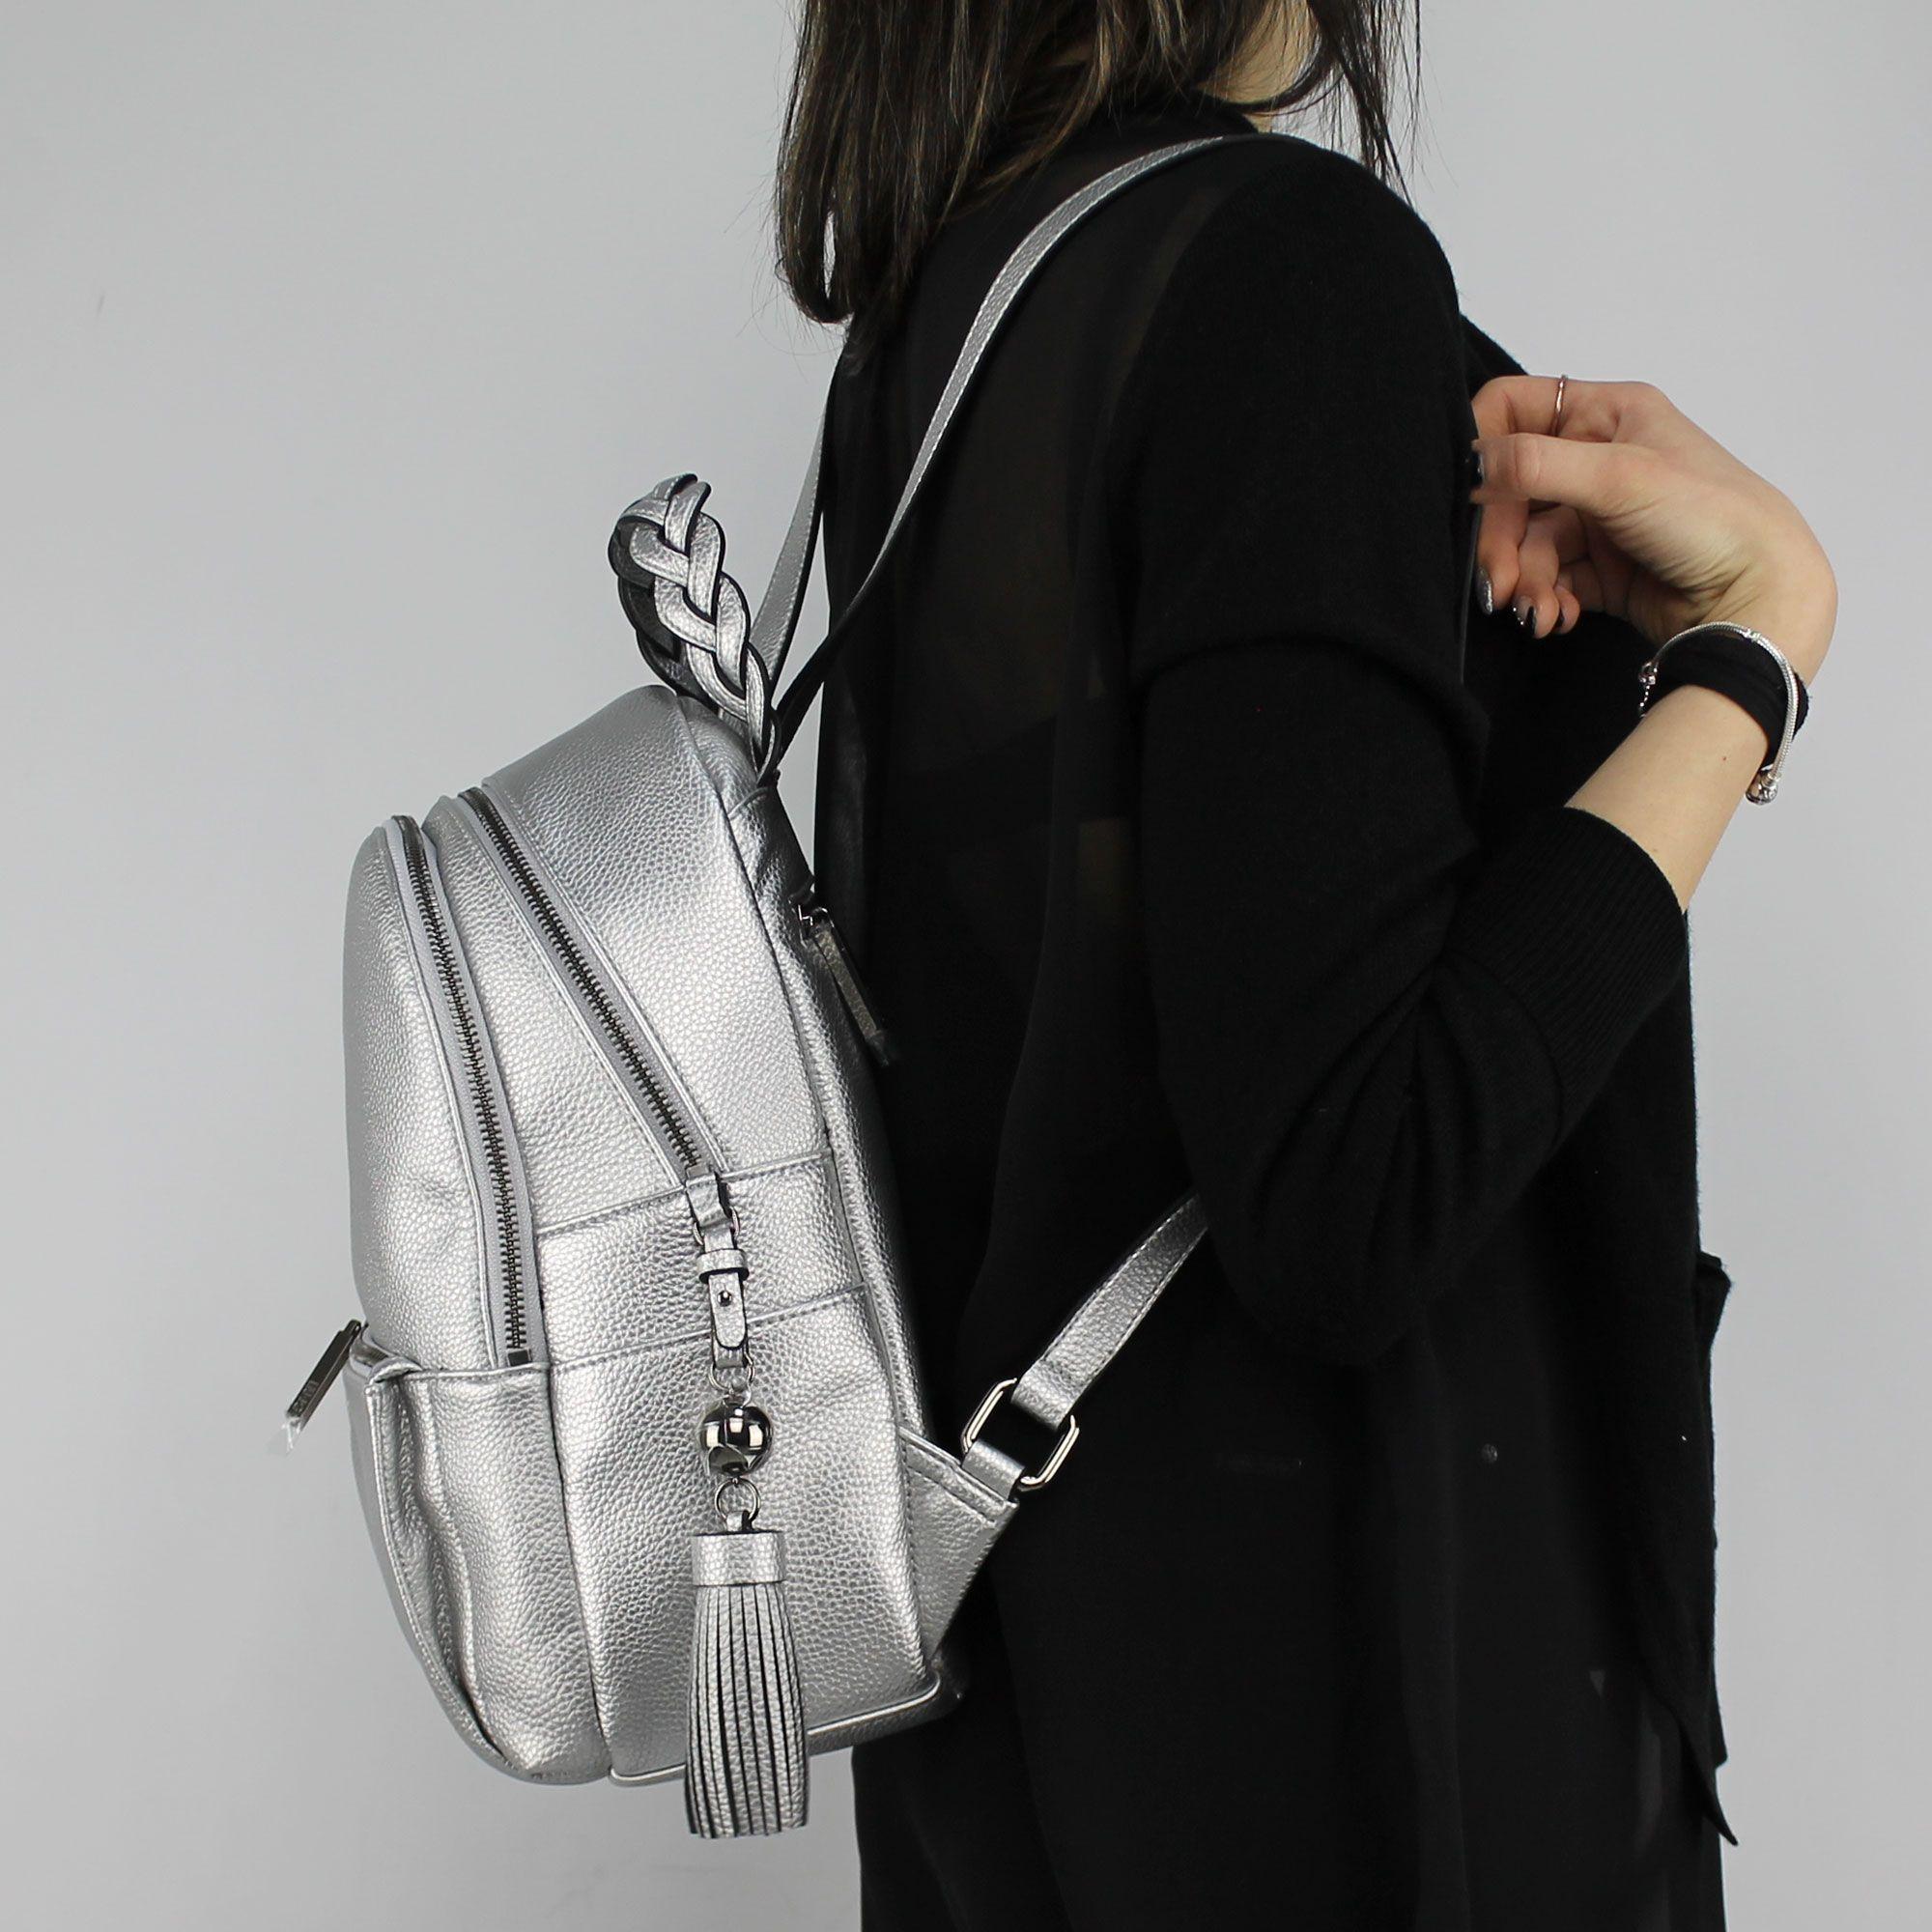 preocuparse helicóptero Desempacando  Borsa zaino Liu Jo m backpack arizona silver - In More Est Store